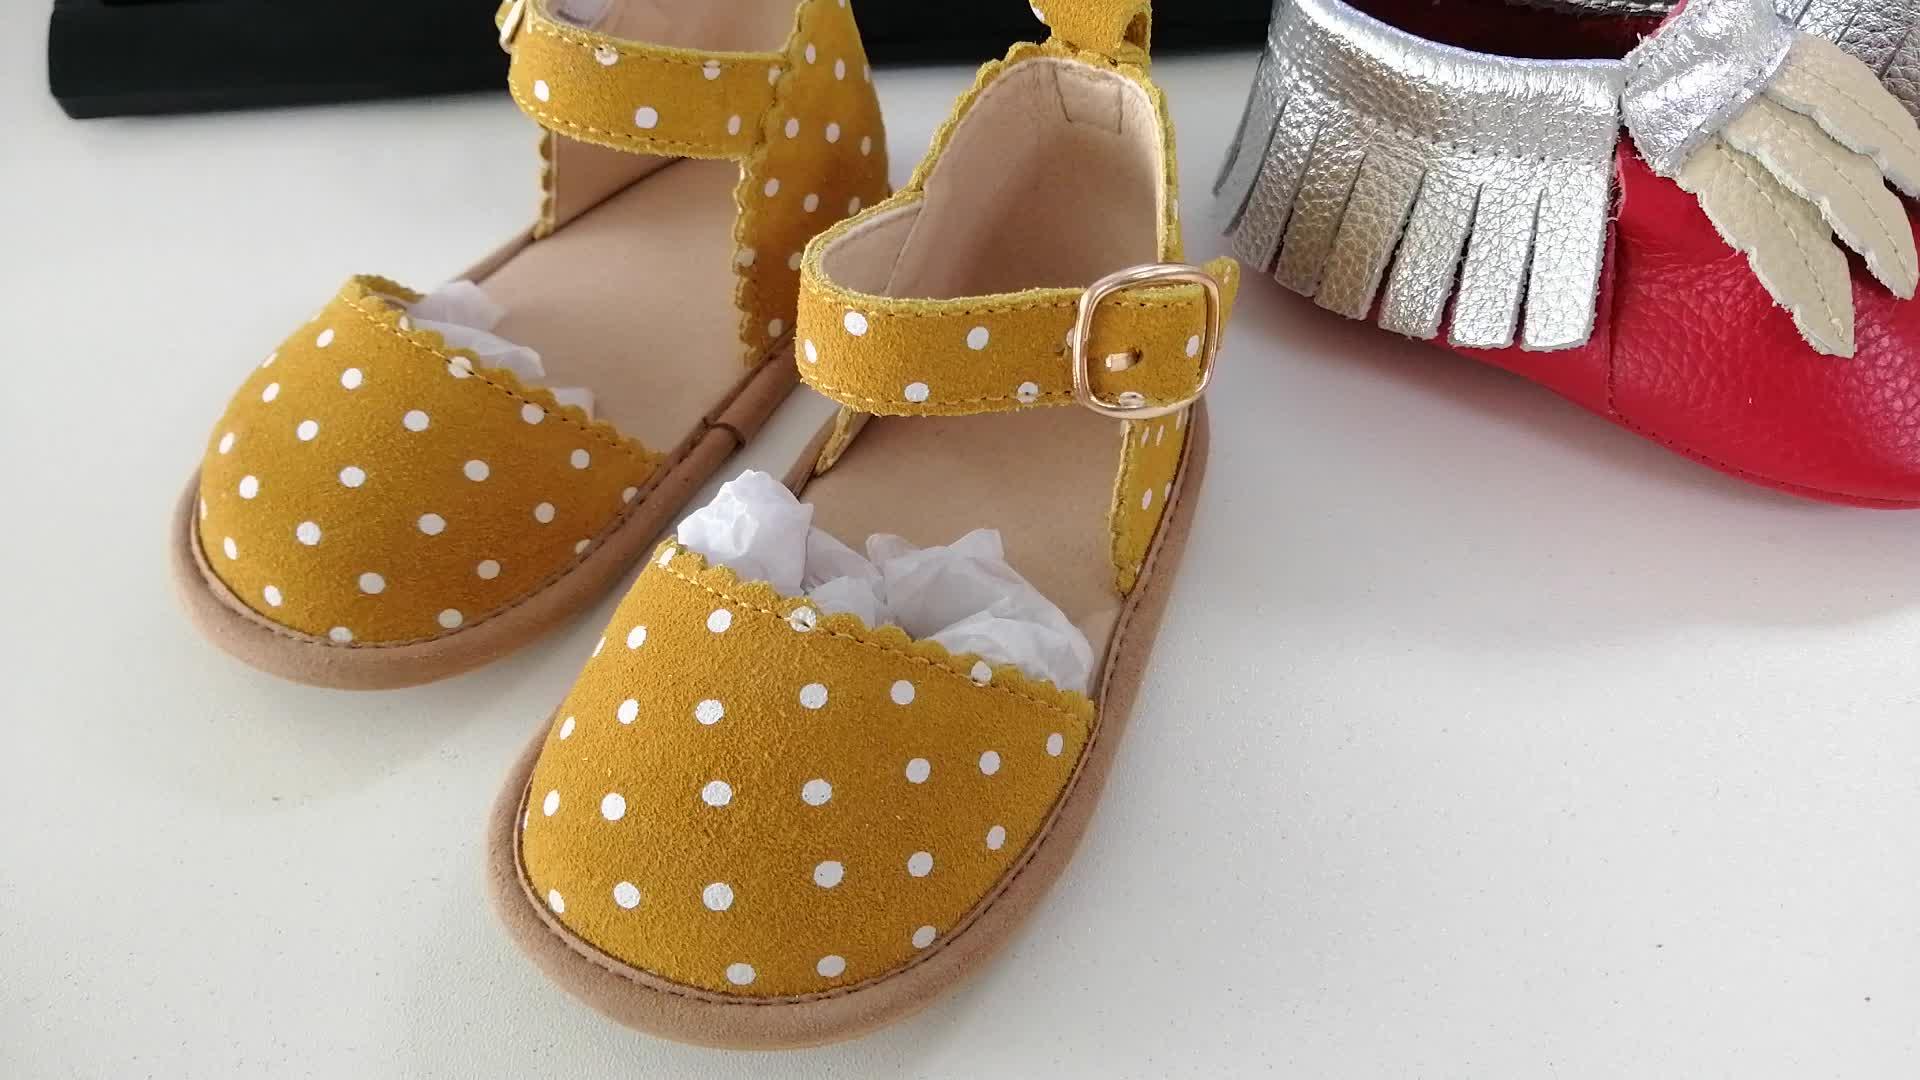 BEIBEINOYA Vague point daim cuir bébé filles chaussures taille 2-13 respirant semelle extérieure en daim sandales filles